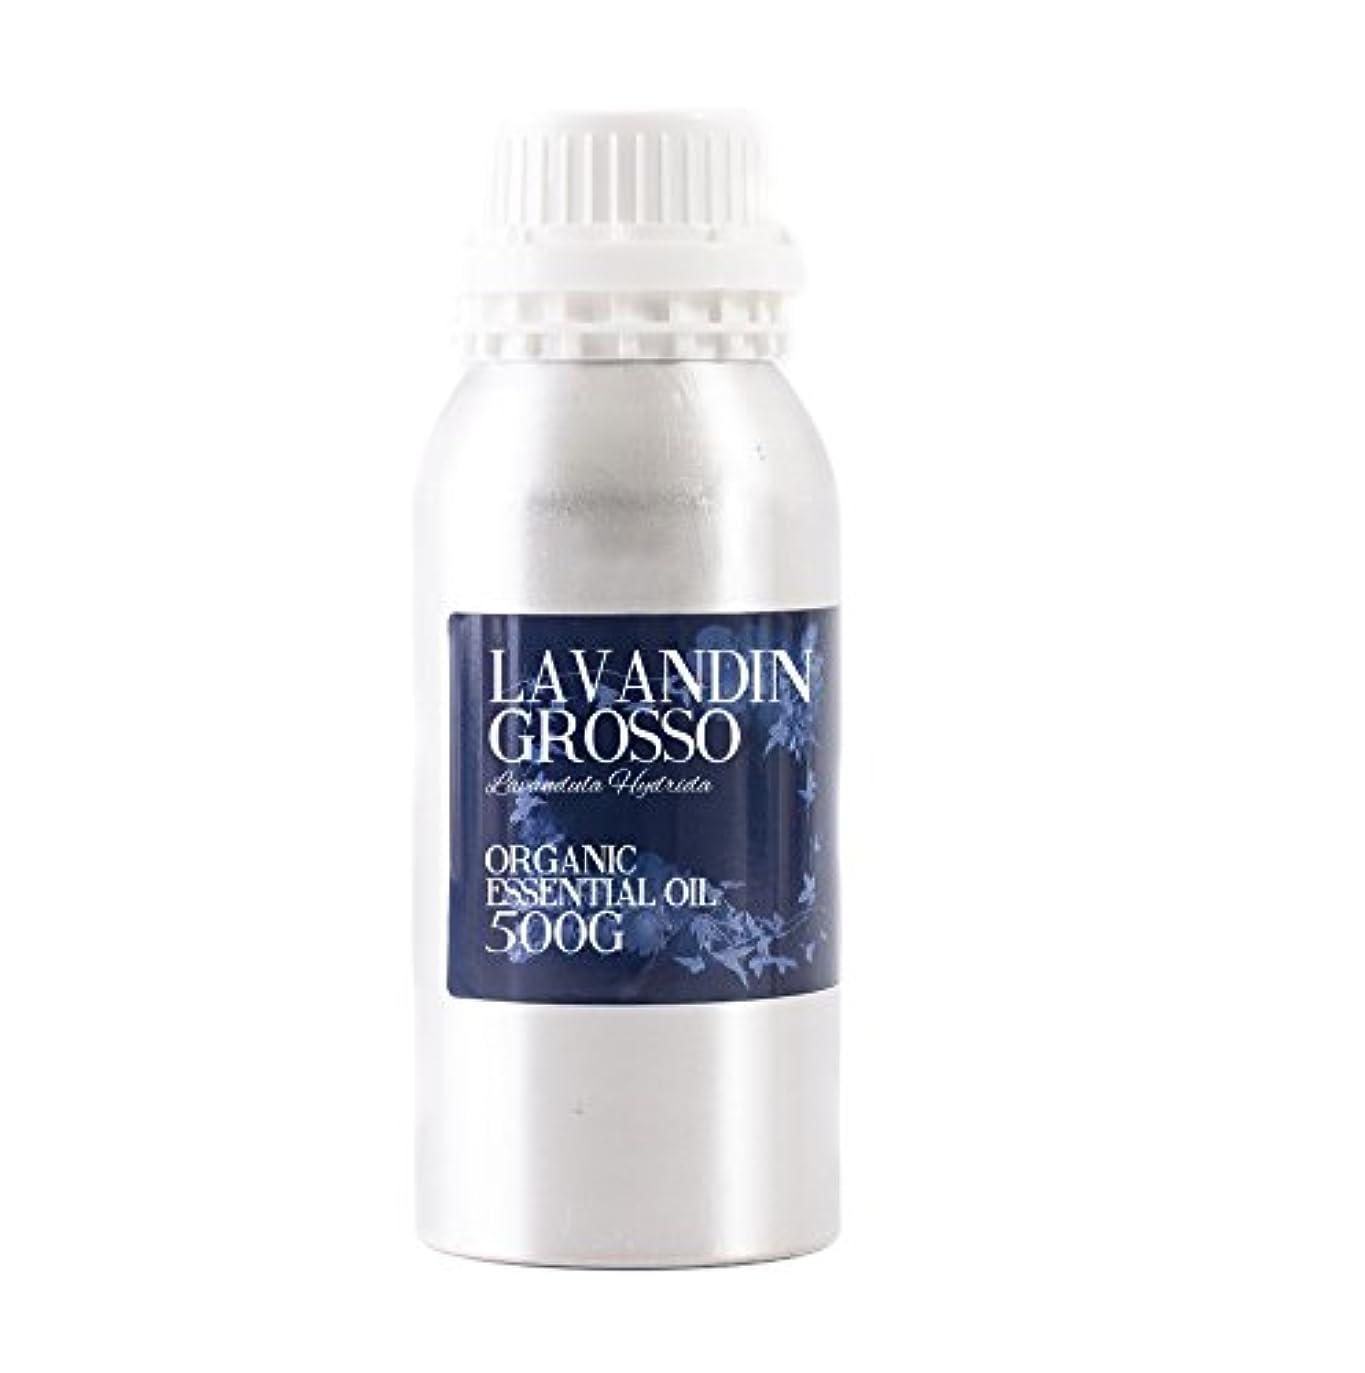 本質的ではないテスピアン体系的にMystic Moments   Lavandin Grosso Organic Essential Oil - 500g - 100% Pure